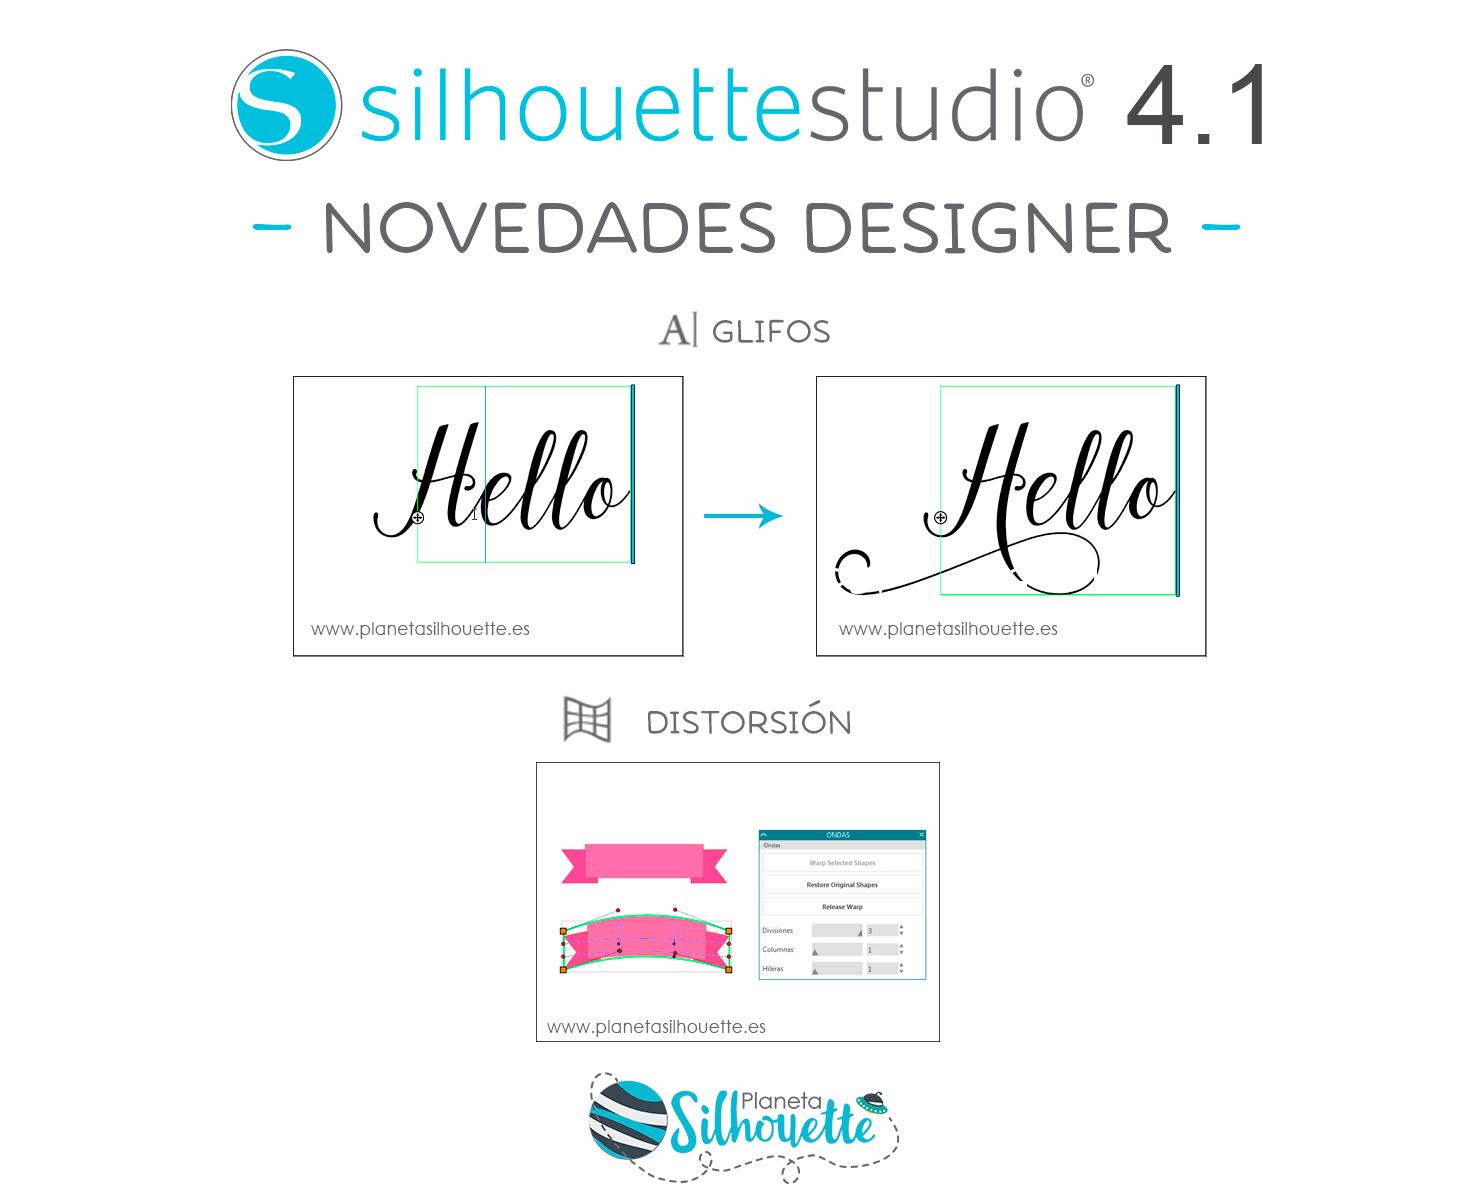 herramientasdesignerSS41b